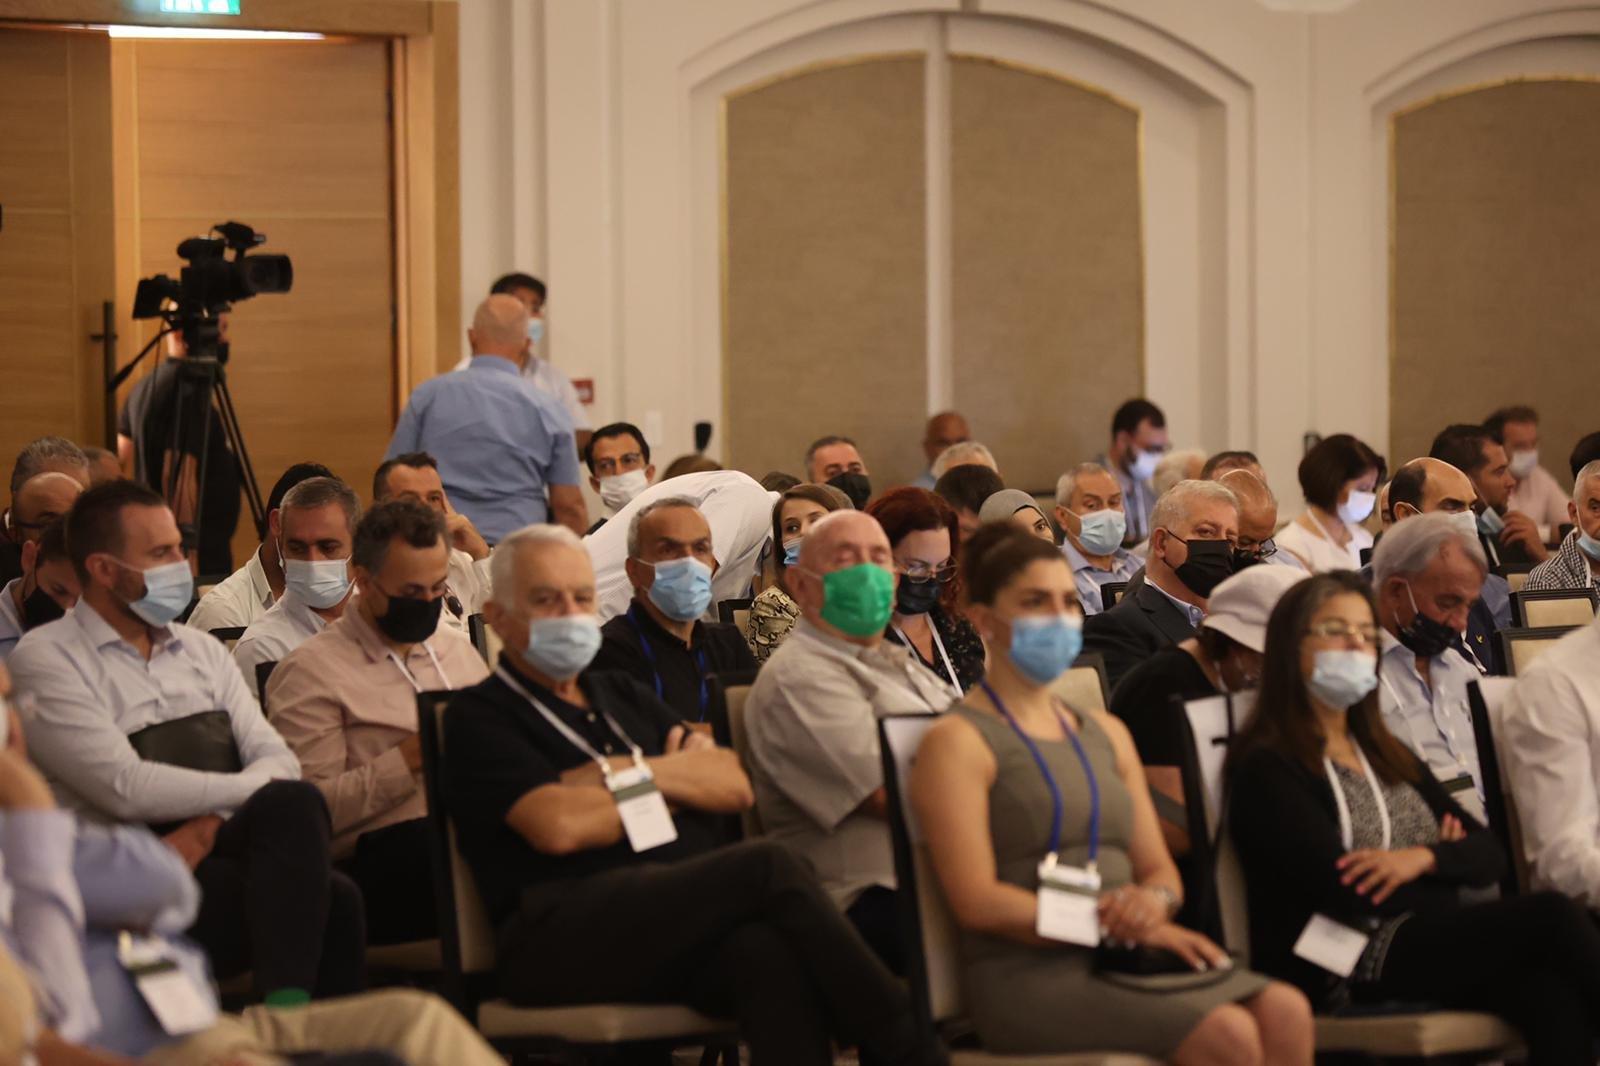 مشاركة كبيرة ومحاضرات هامة في المؤتمر الاقتصادي للمجتمع العربي بالناصرة-5